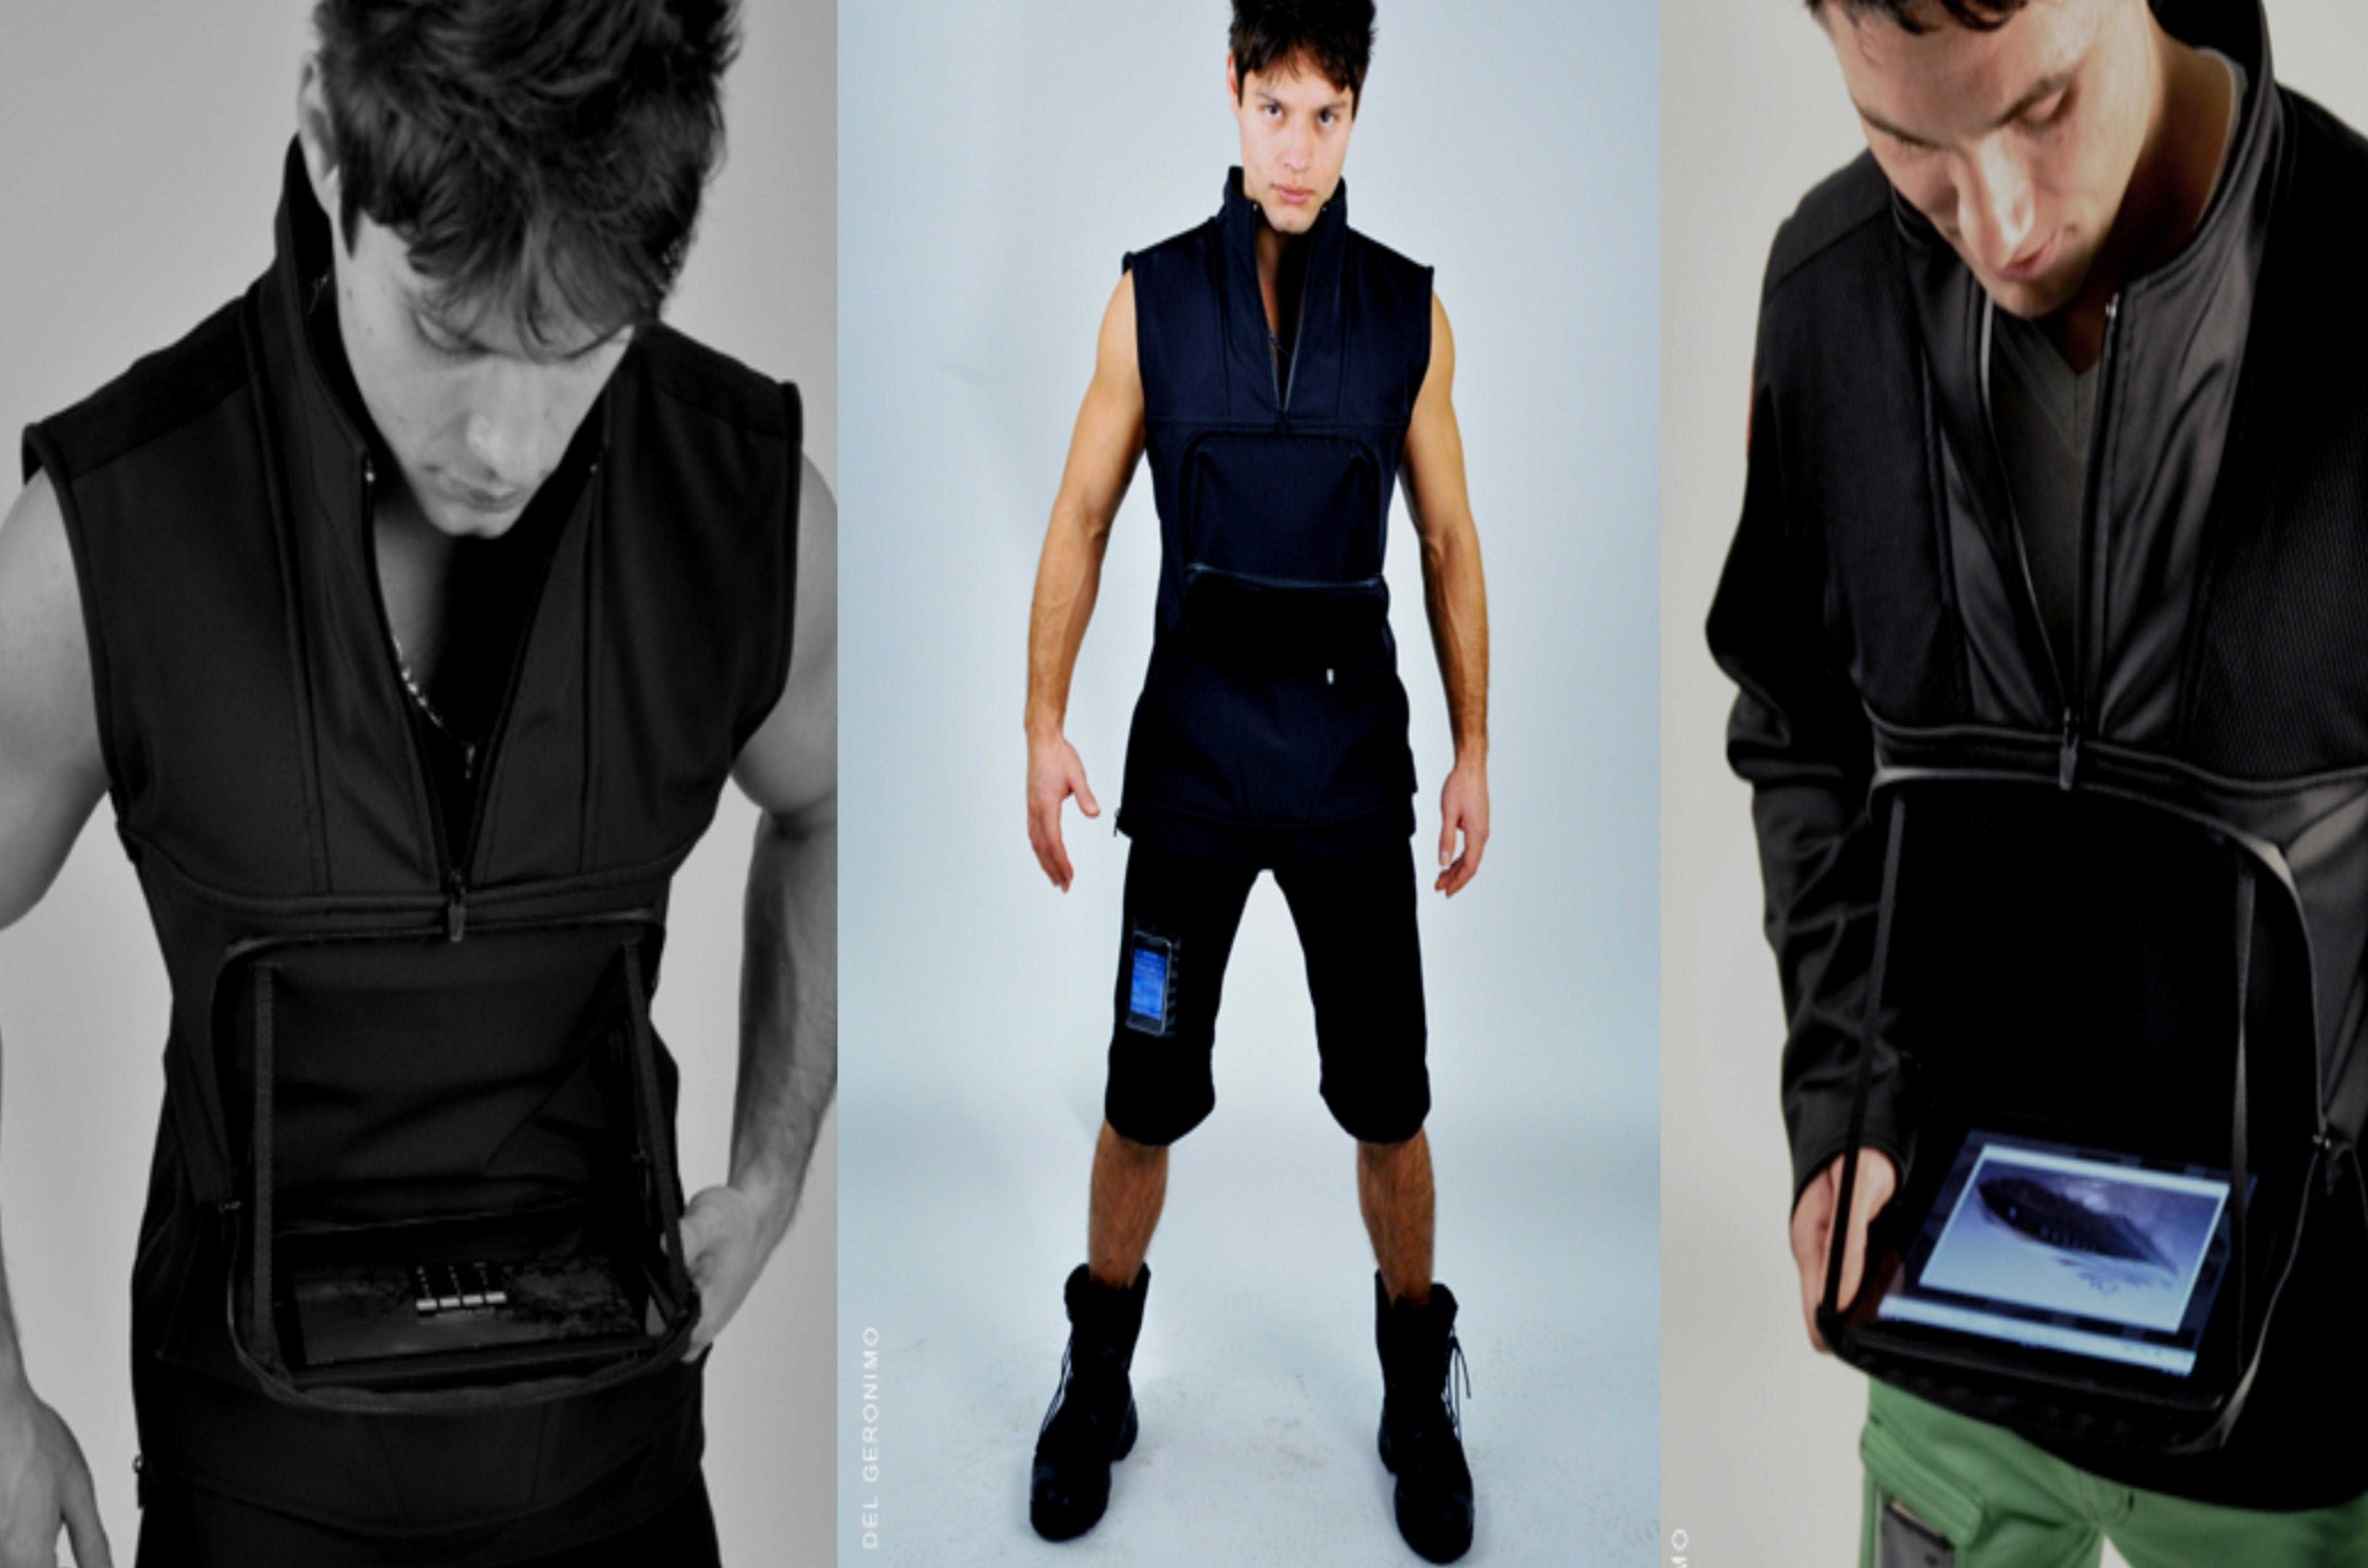 Fashion Tech Week 2013 Dapperhood Network Menswear